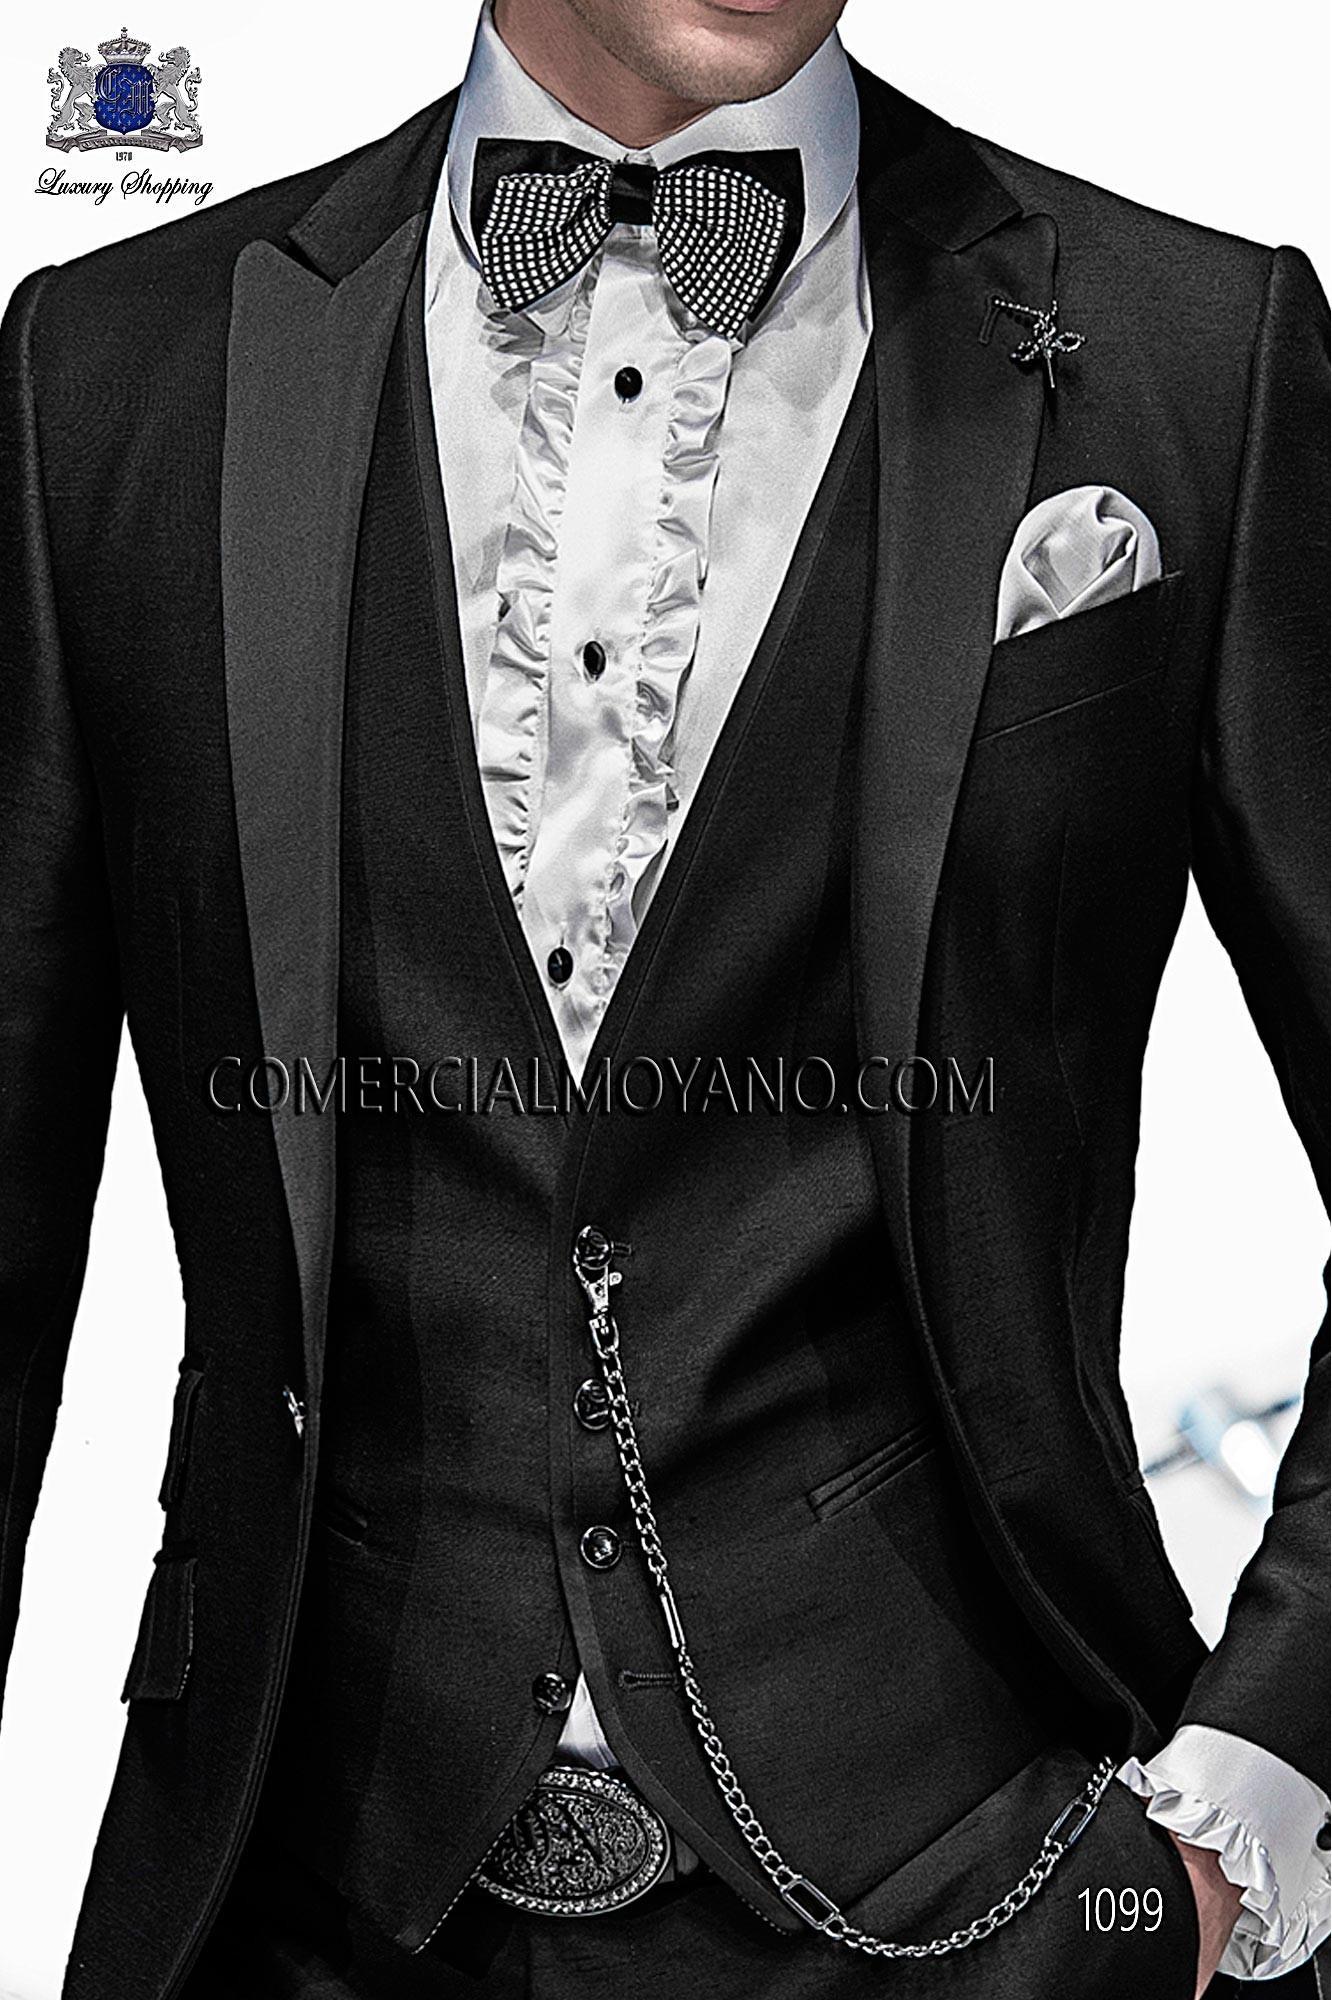 Traje Emotion de novio negro modelo: 1099 Ottavio Nuccio Gala colección Emotion